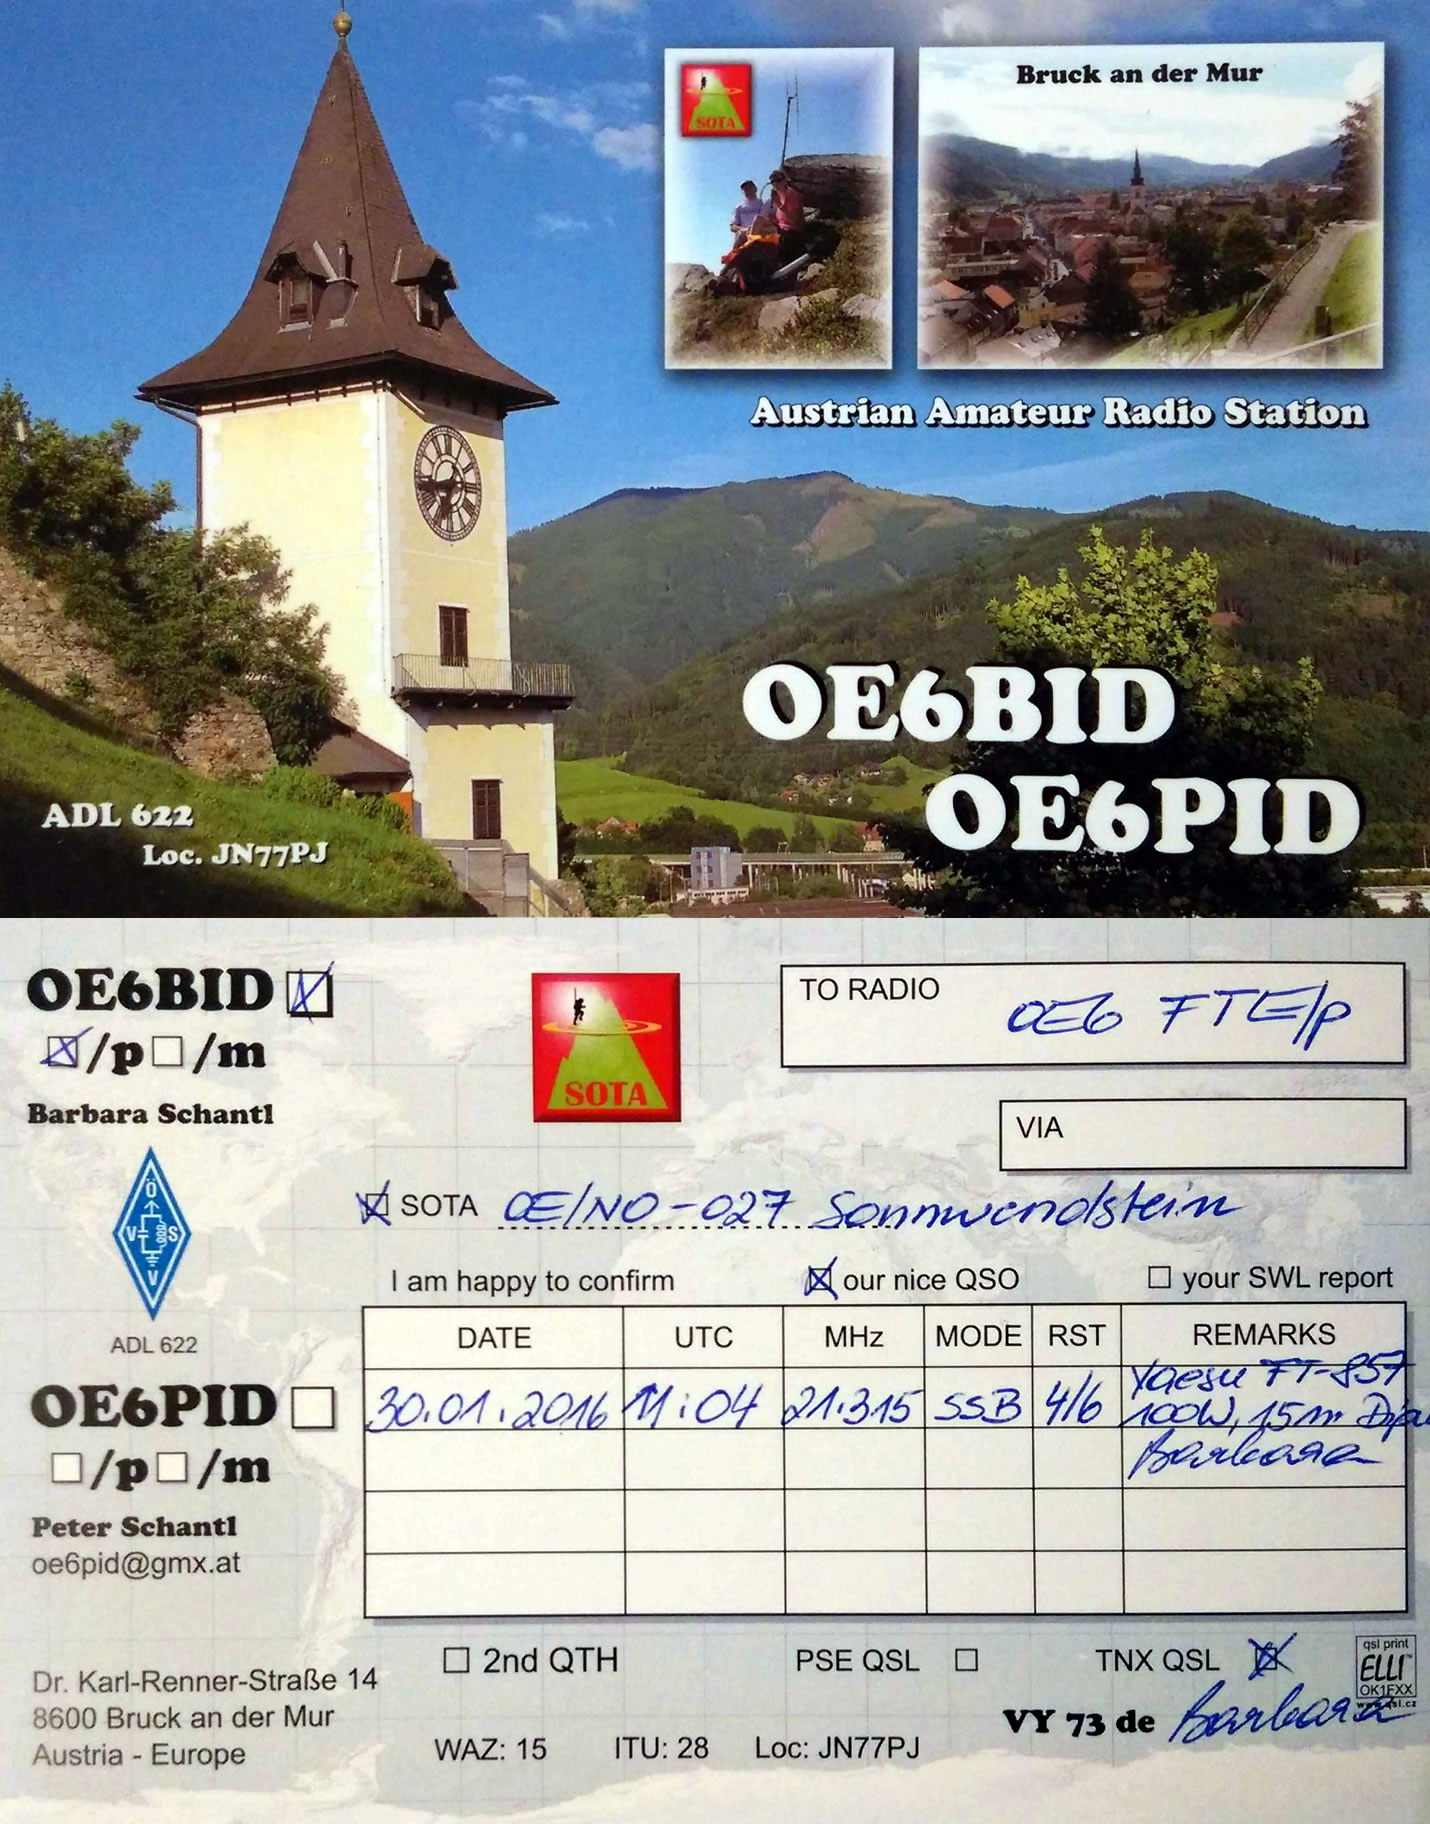 OE6BID/P